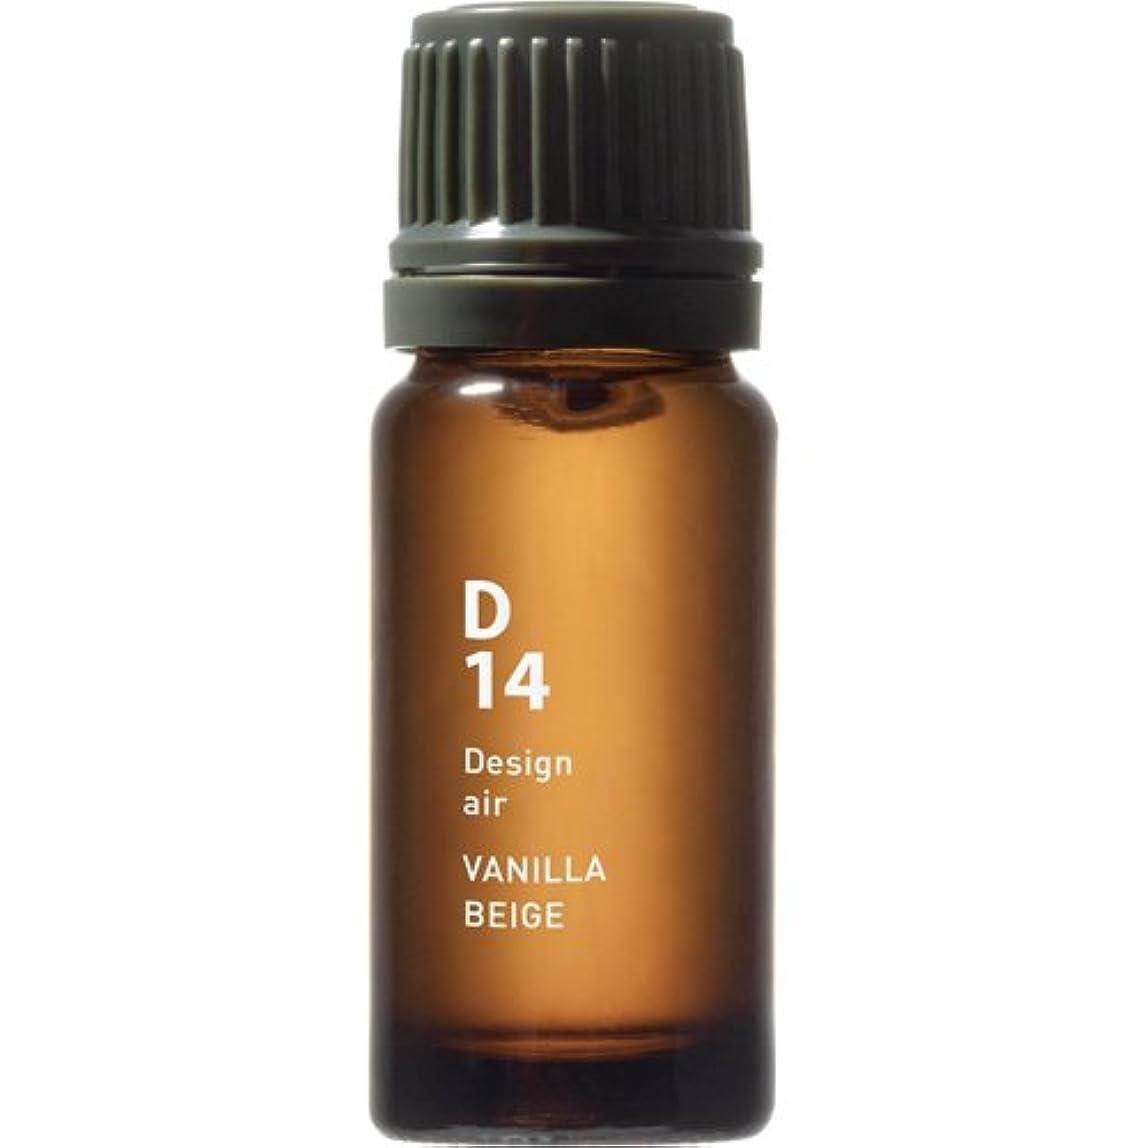 D14 VANILLA BEIGE Design air 10ml